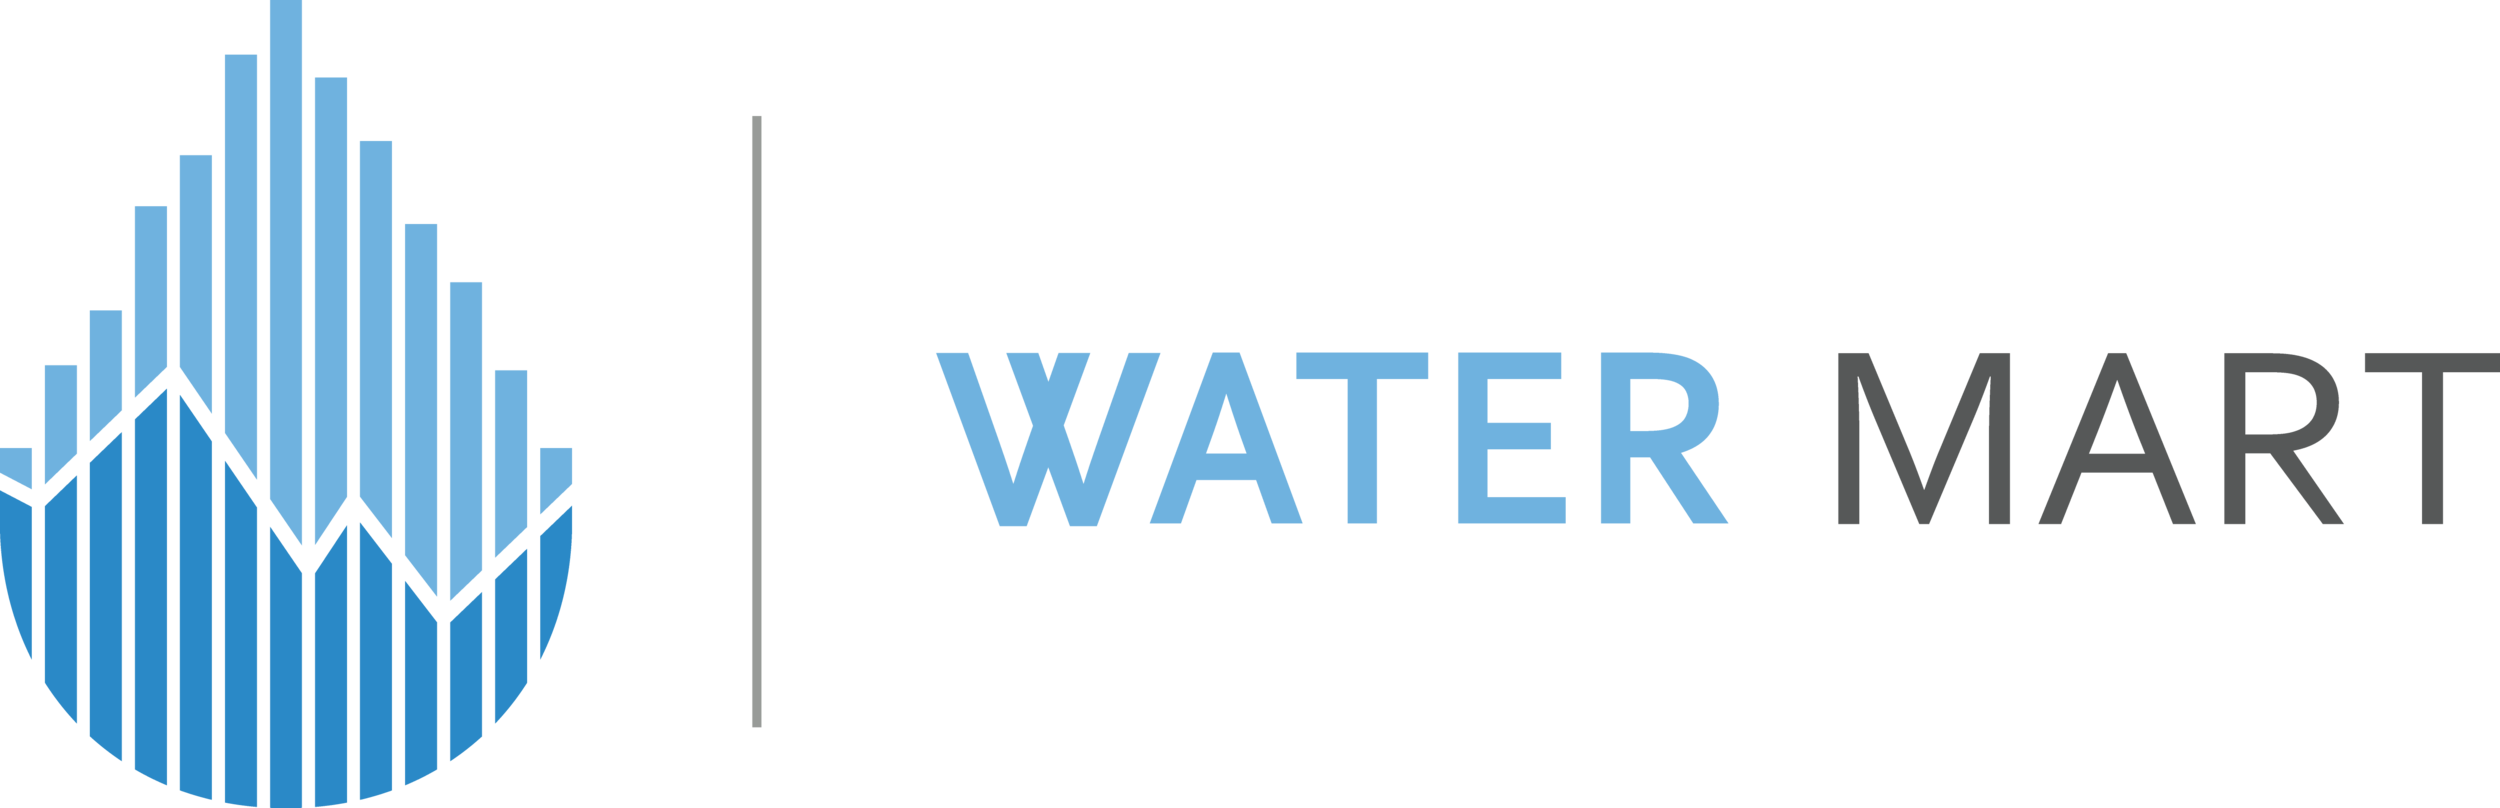 WaterMart Logo.png